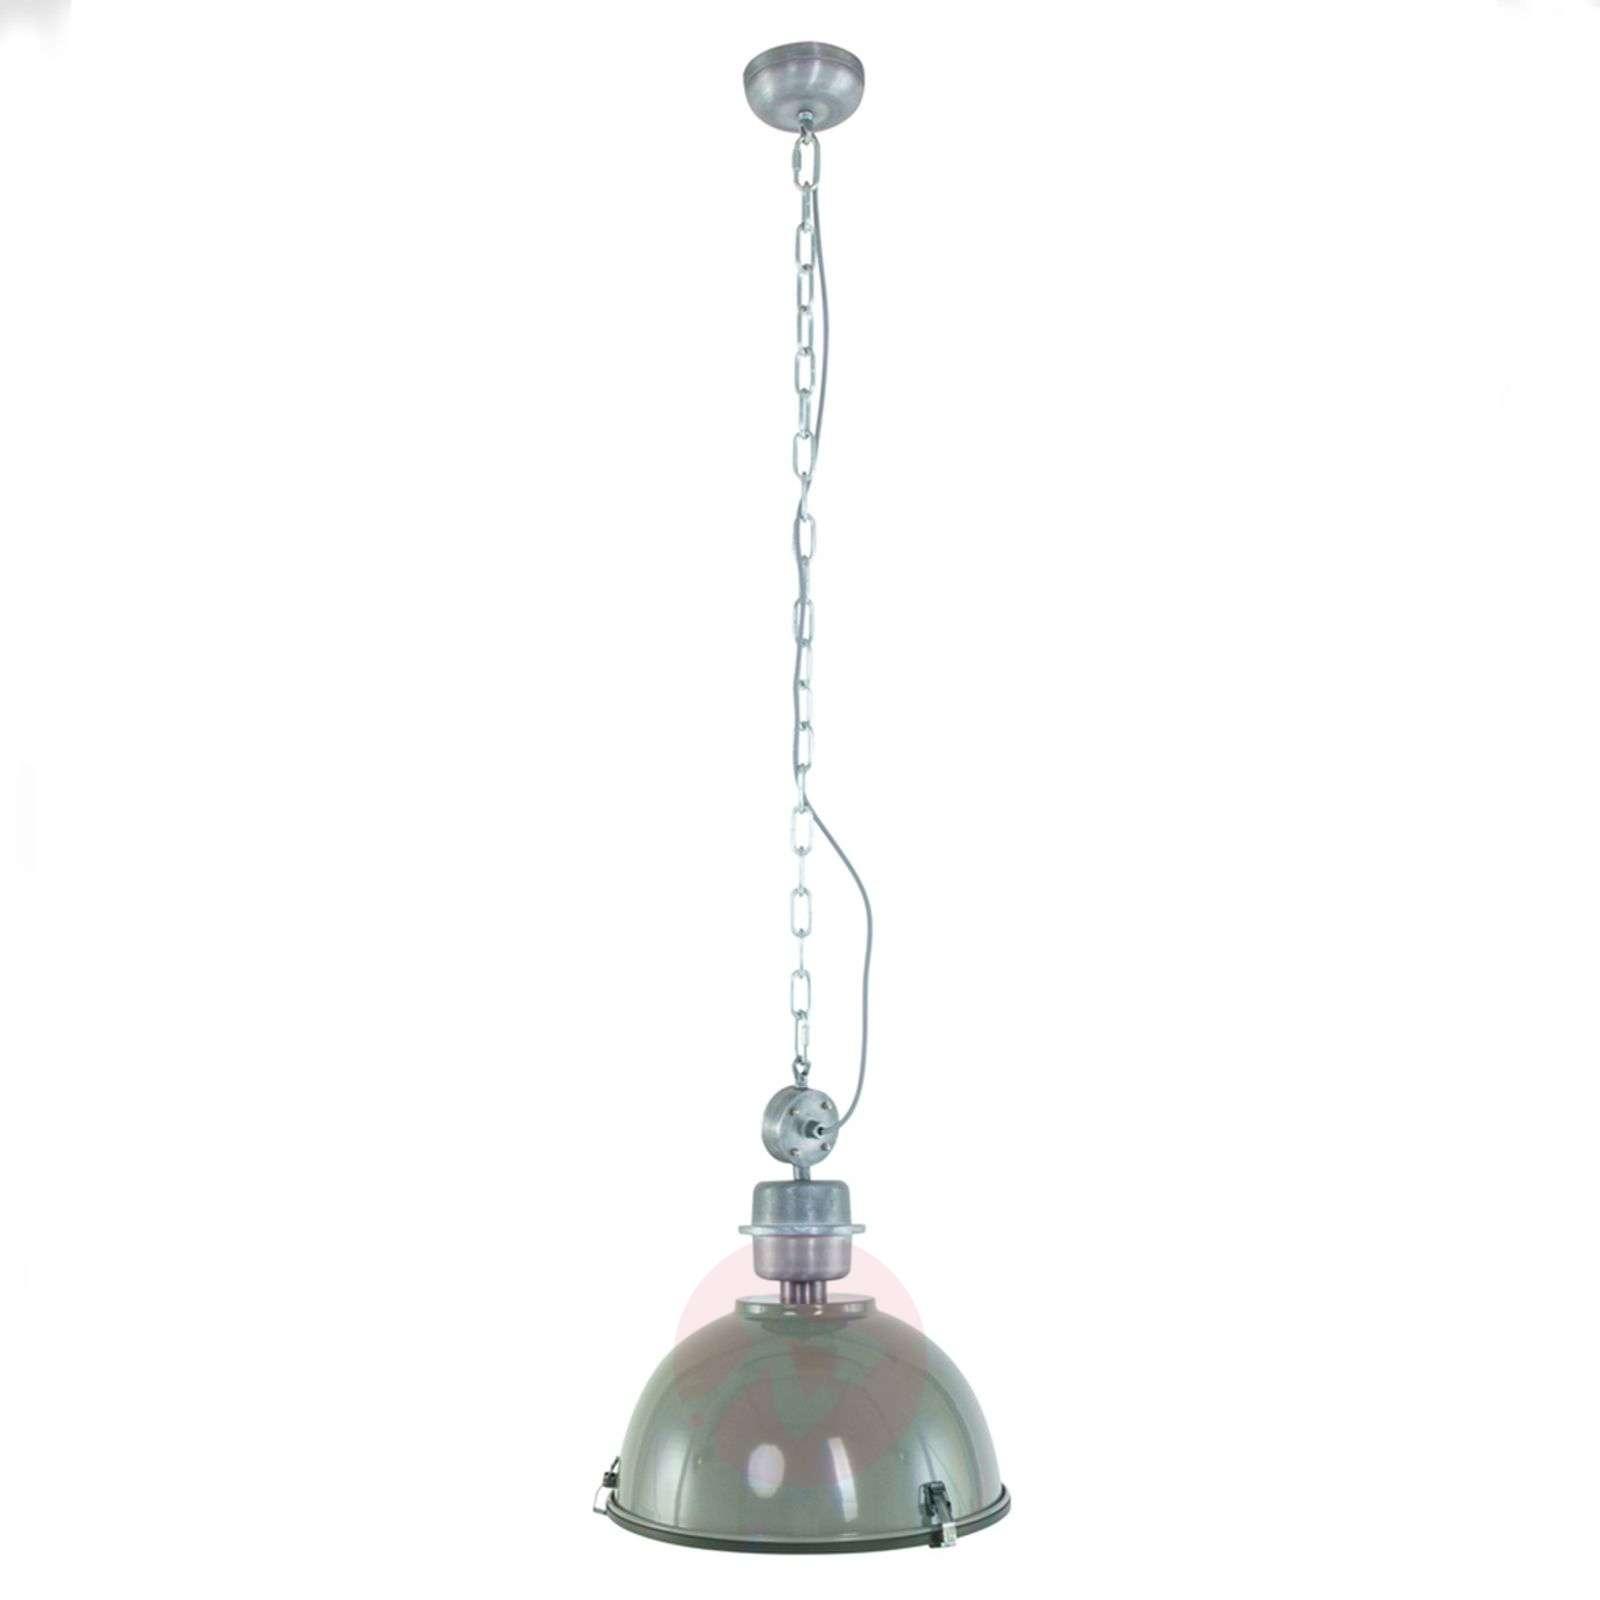 Teollistyylinen Bikkel-riippuvalaisin, oliivi-8509693-01